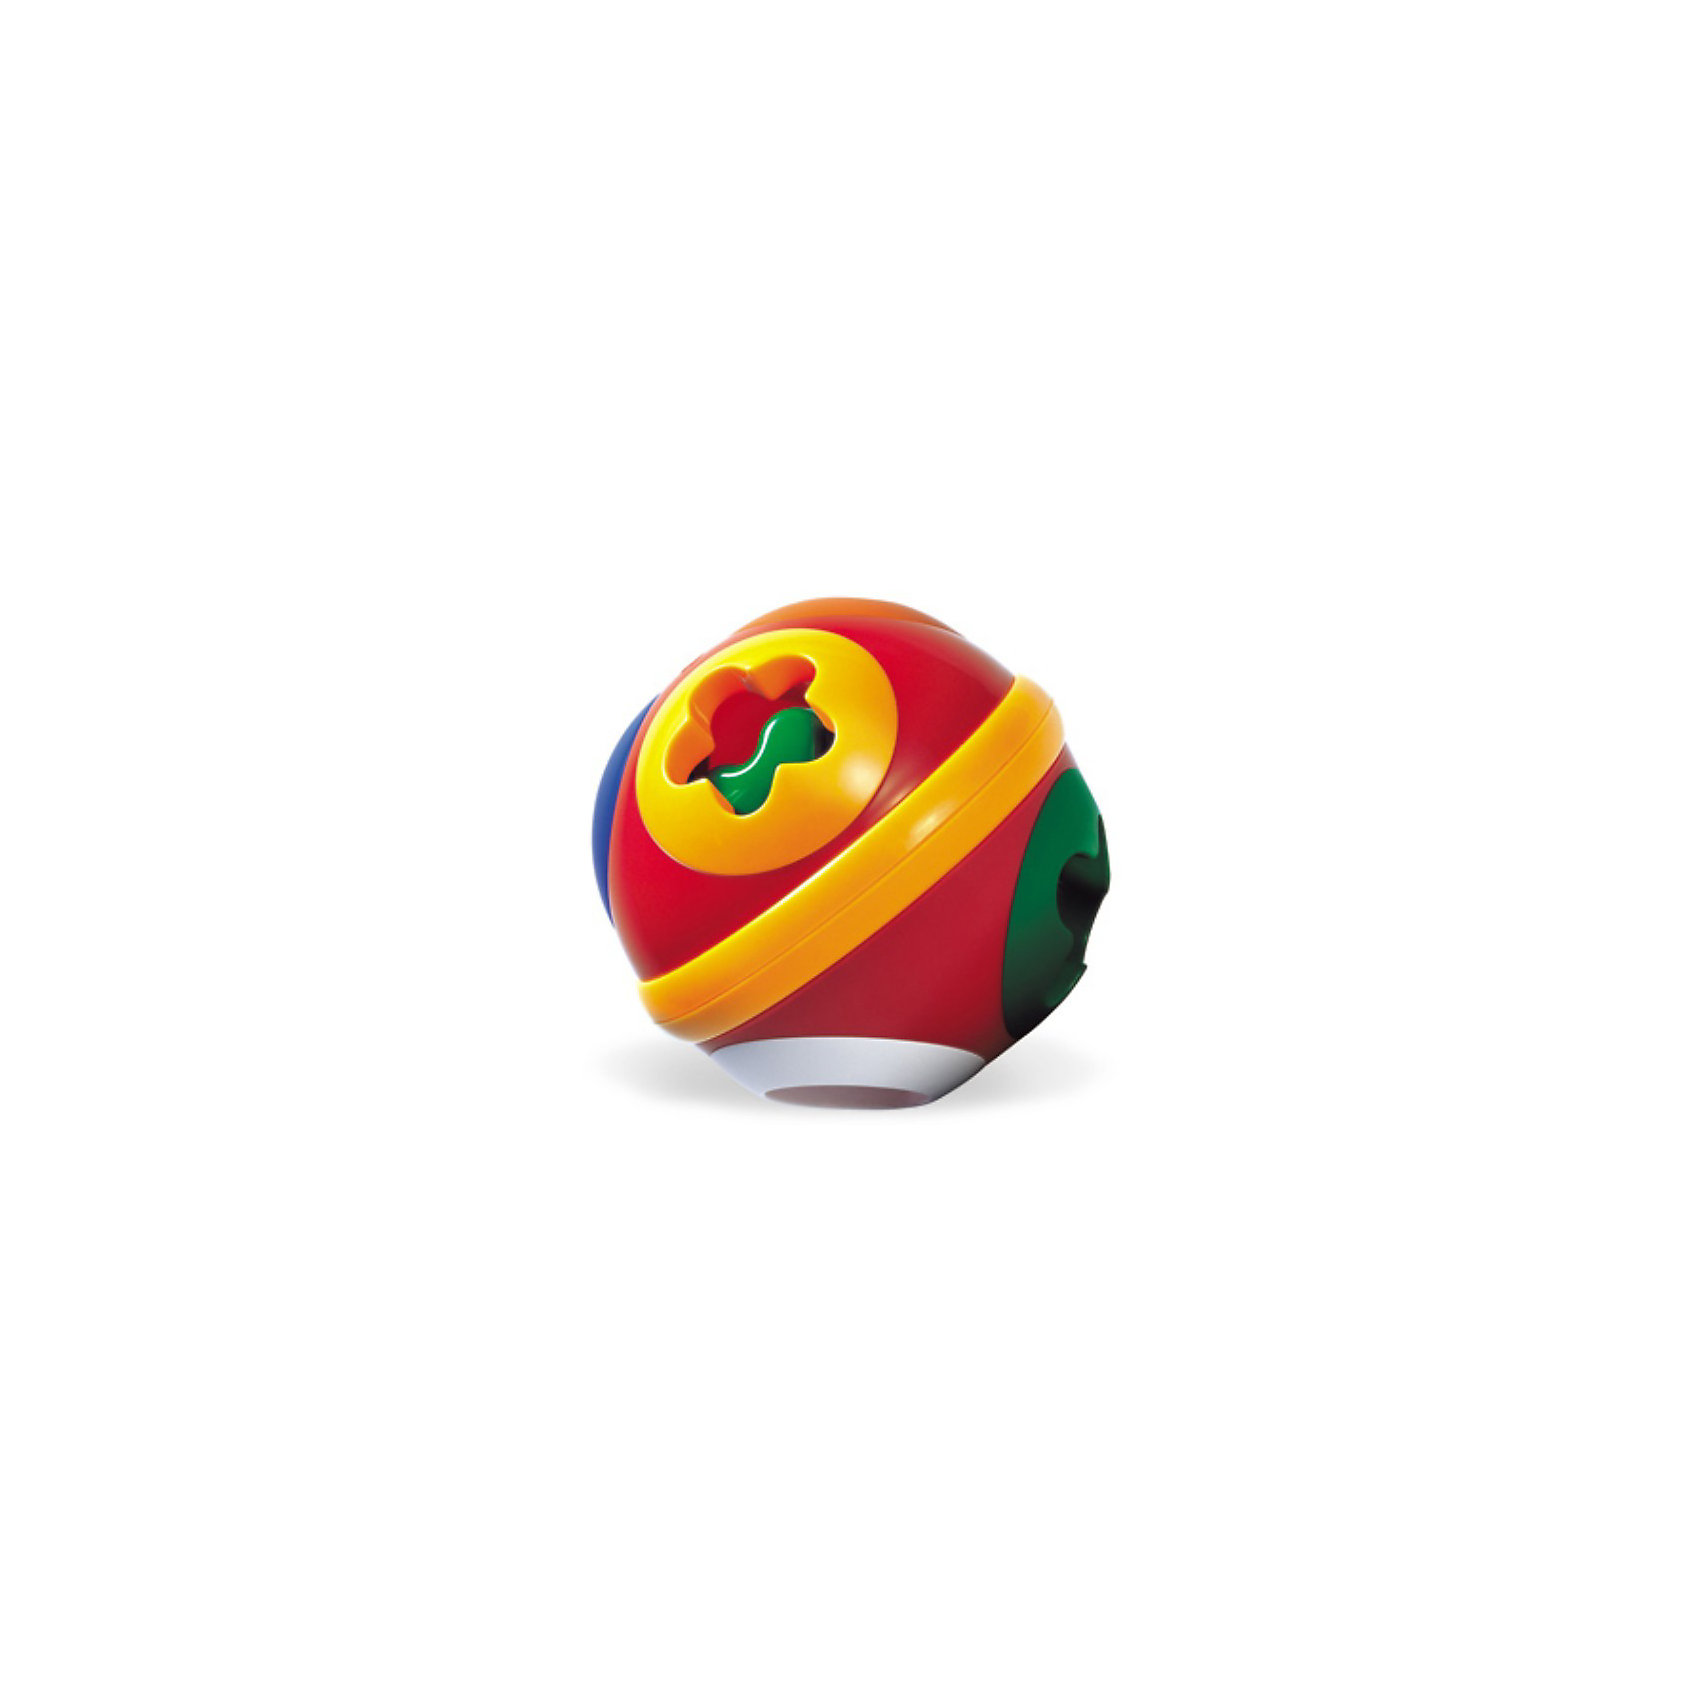 TOLO TOLO Развивающая игра Формочки (вращающийся шар) tolo гирлянда медвежата